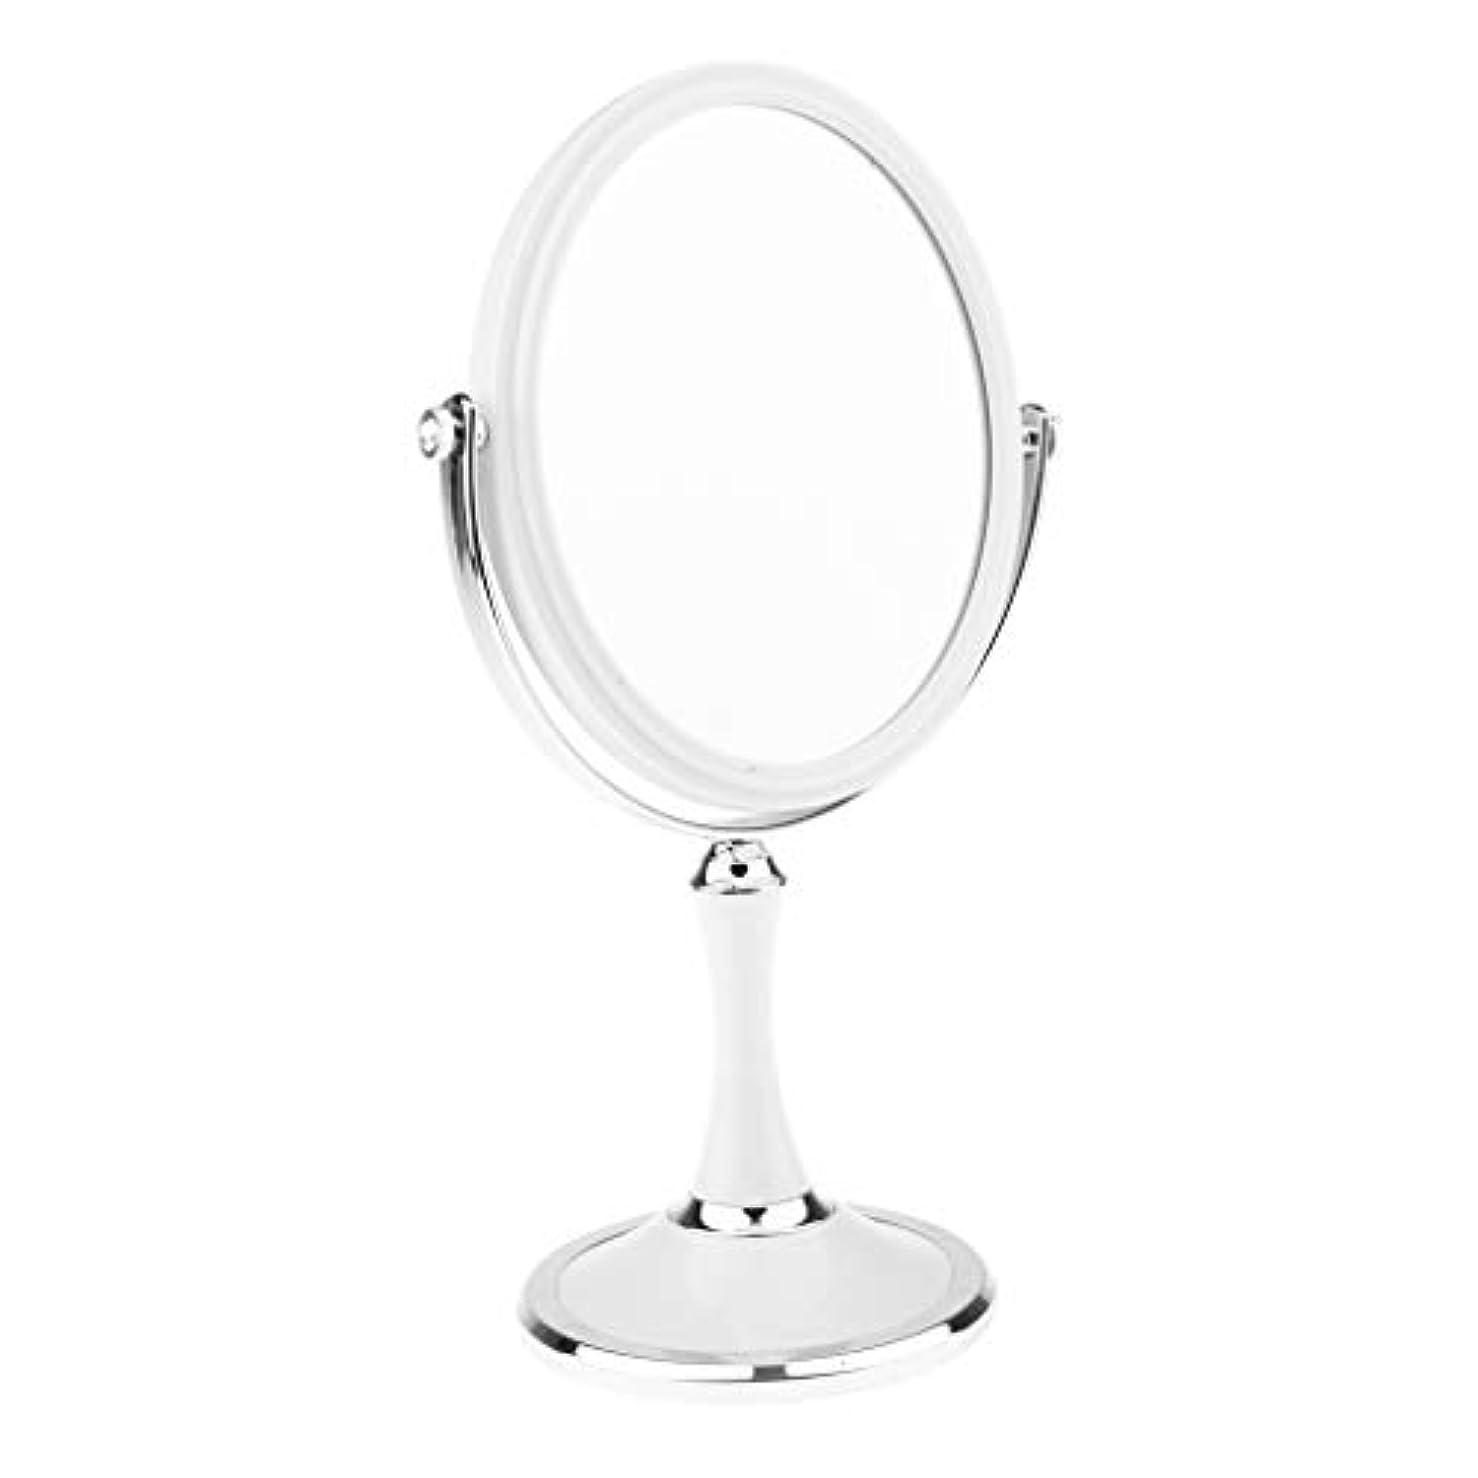 法律隣接ペルーCUTICATE 両面化粧鏡 化粧ミラー 化粧鏡 メイクミラー 拡大鏡 2色選択 - 楕円形